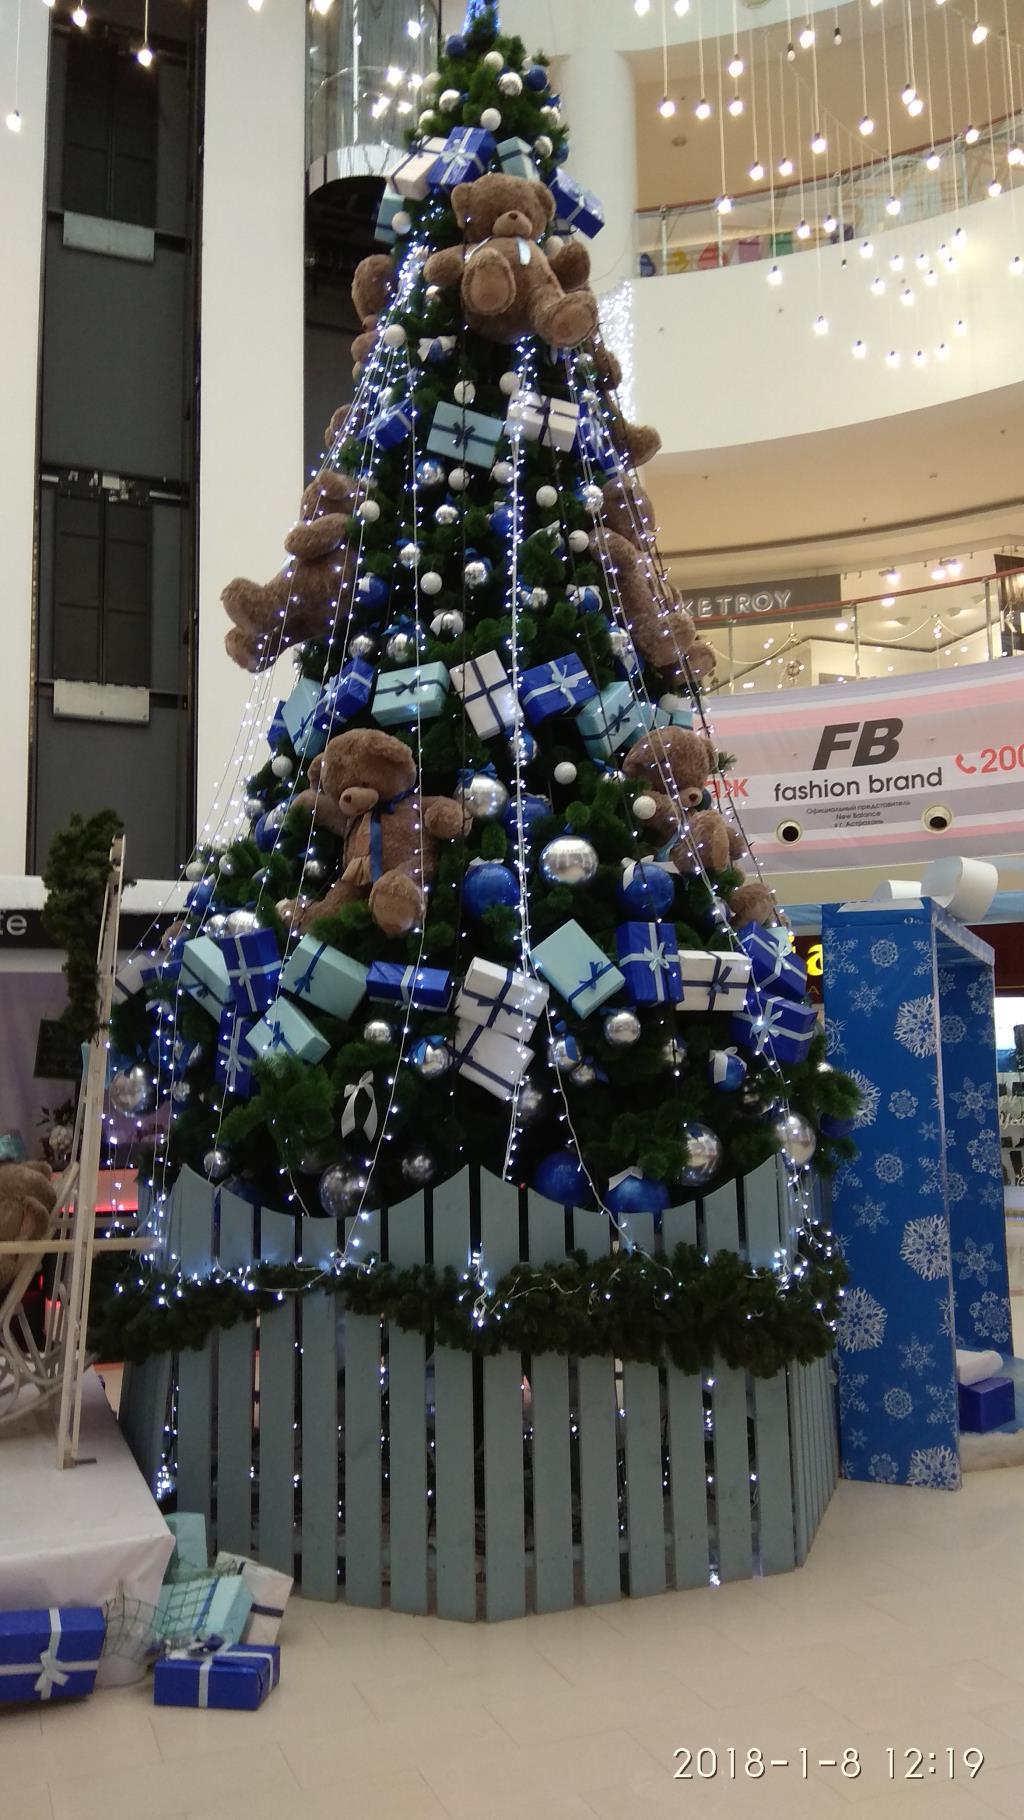 Ёлочка мечты!!!. Блиц: новогодняя елка